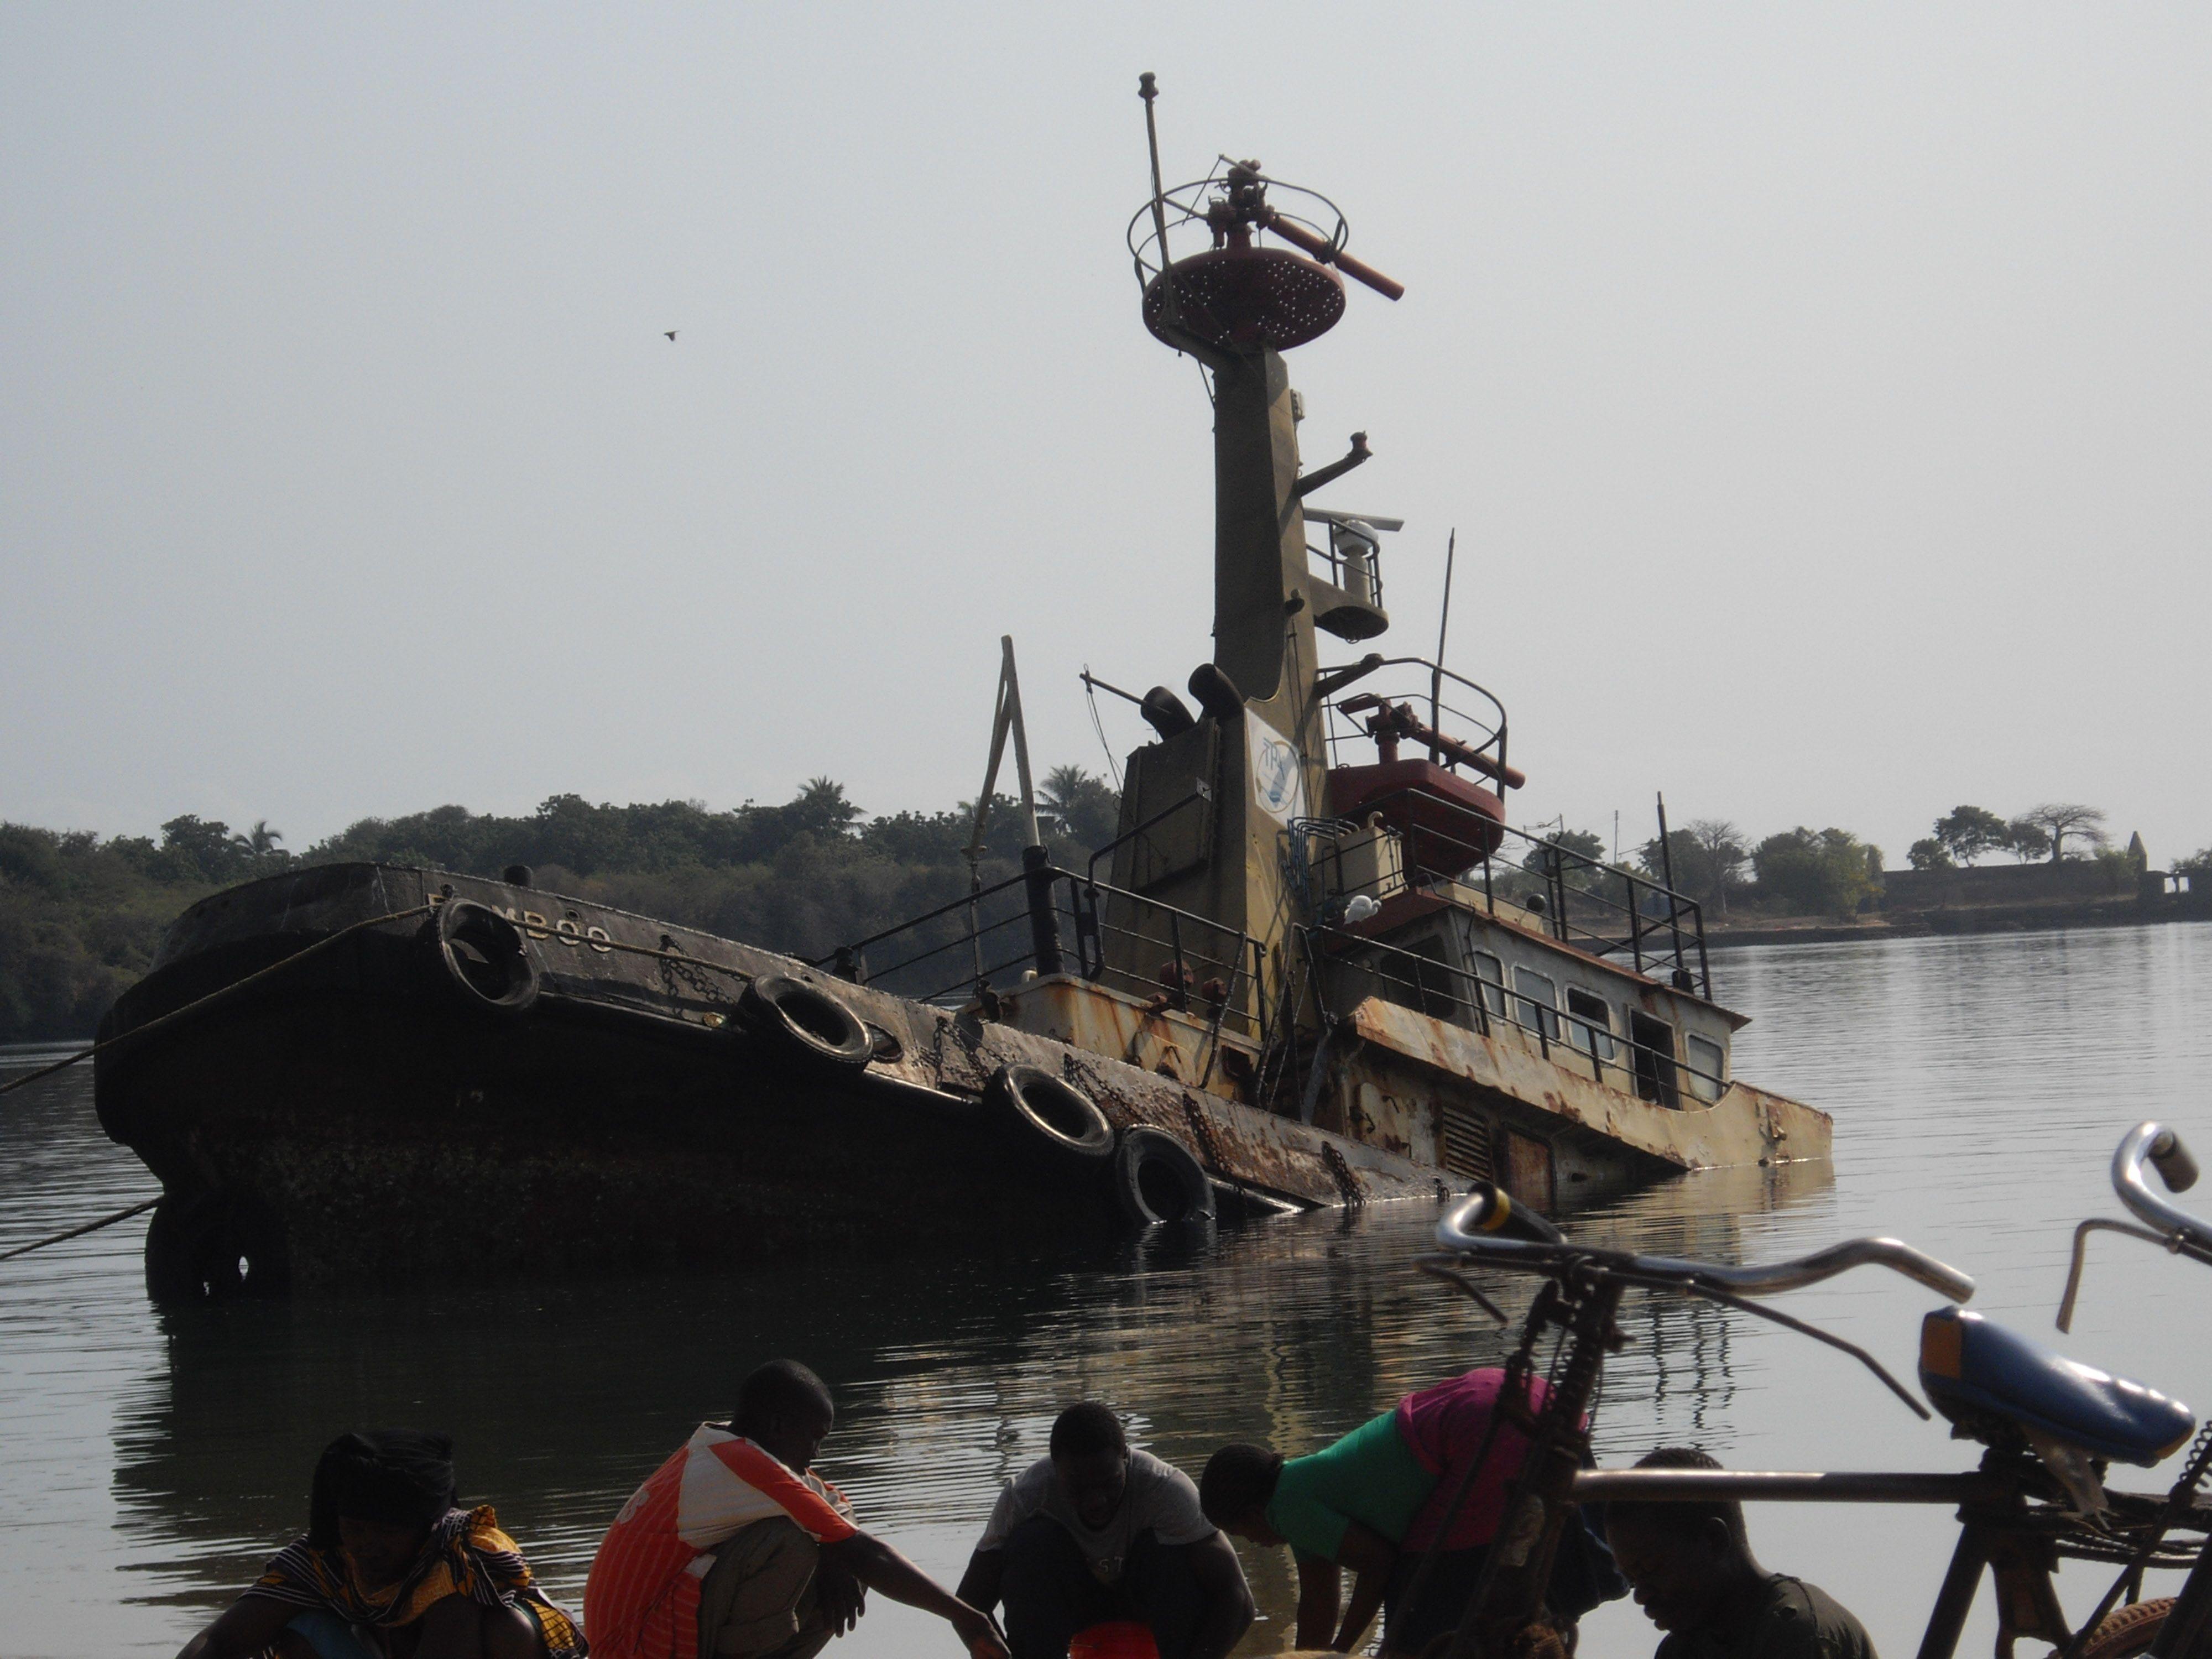 Der Fischmarkt von Mtwara ist quirrlig - aber nicht alles läuft optimal